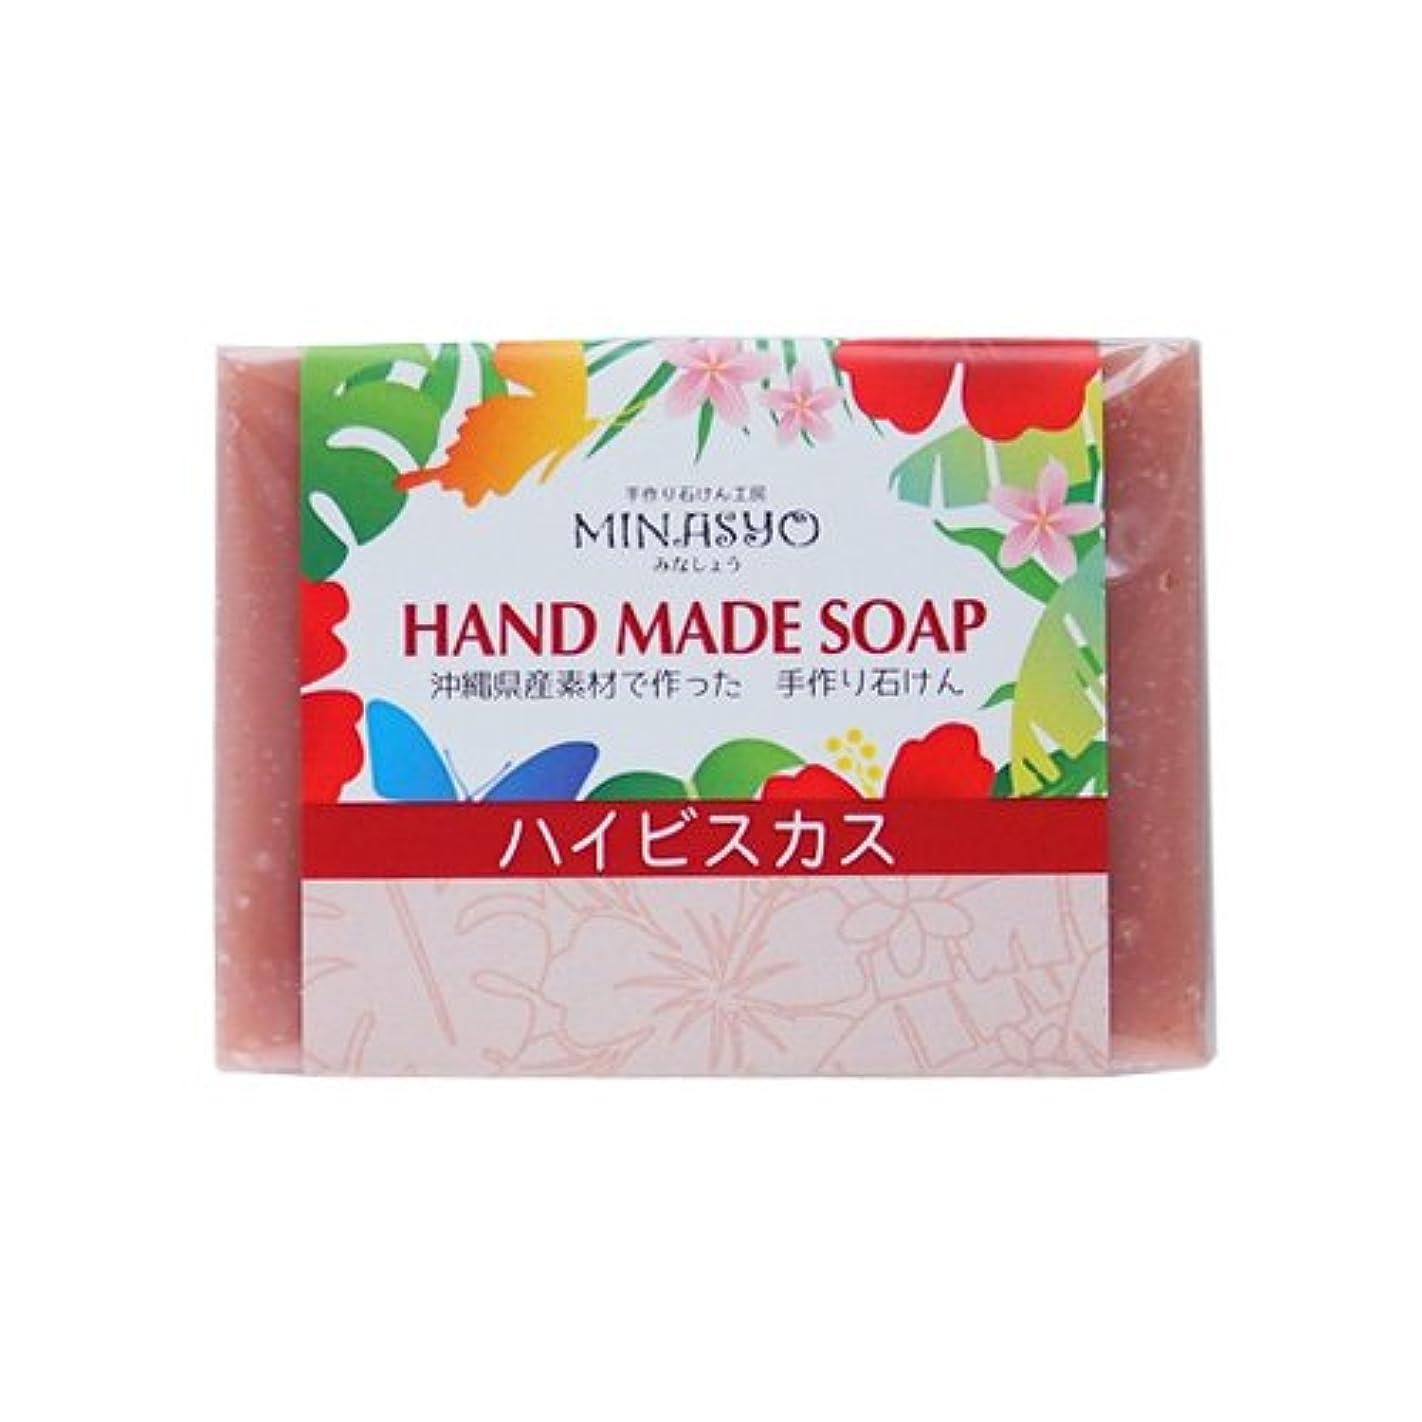 通信網接続詞宴会ピンククレイ 洗顔石鹸 無添加 固形 毛穴ケア 手作りローゼル石鹸